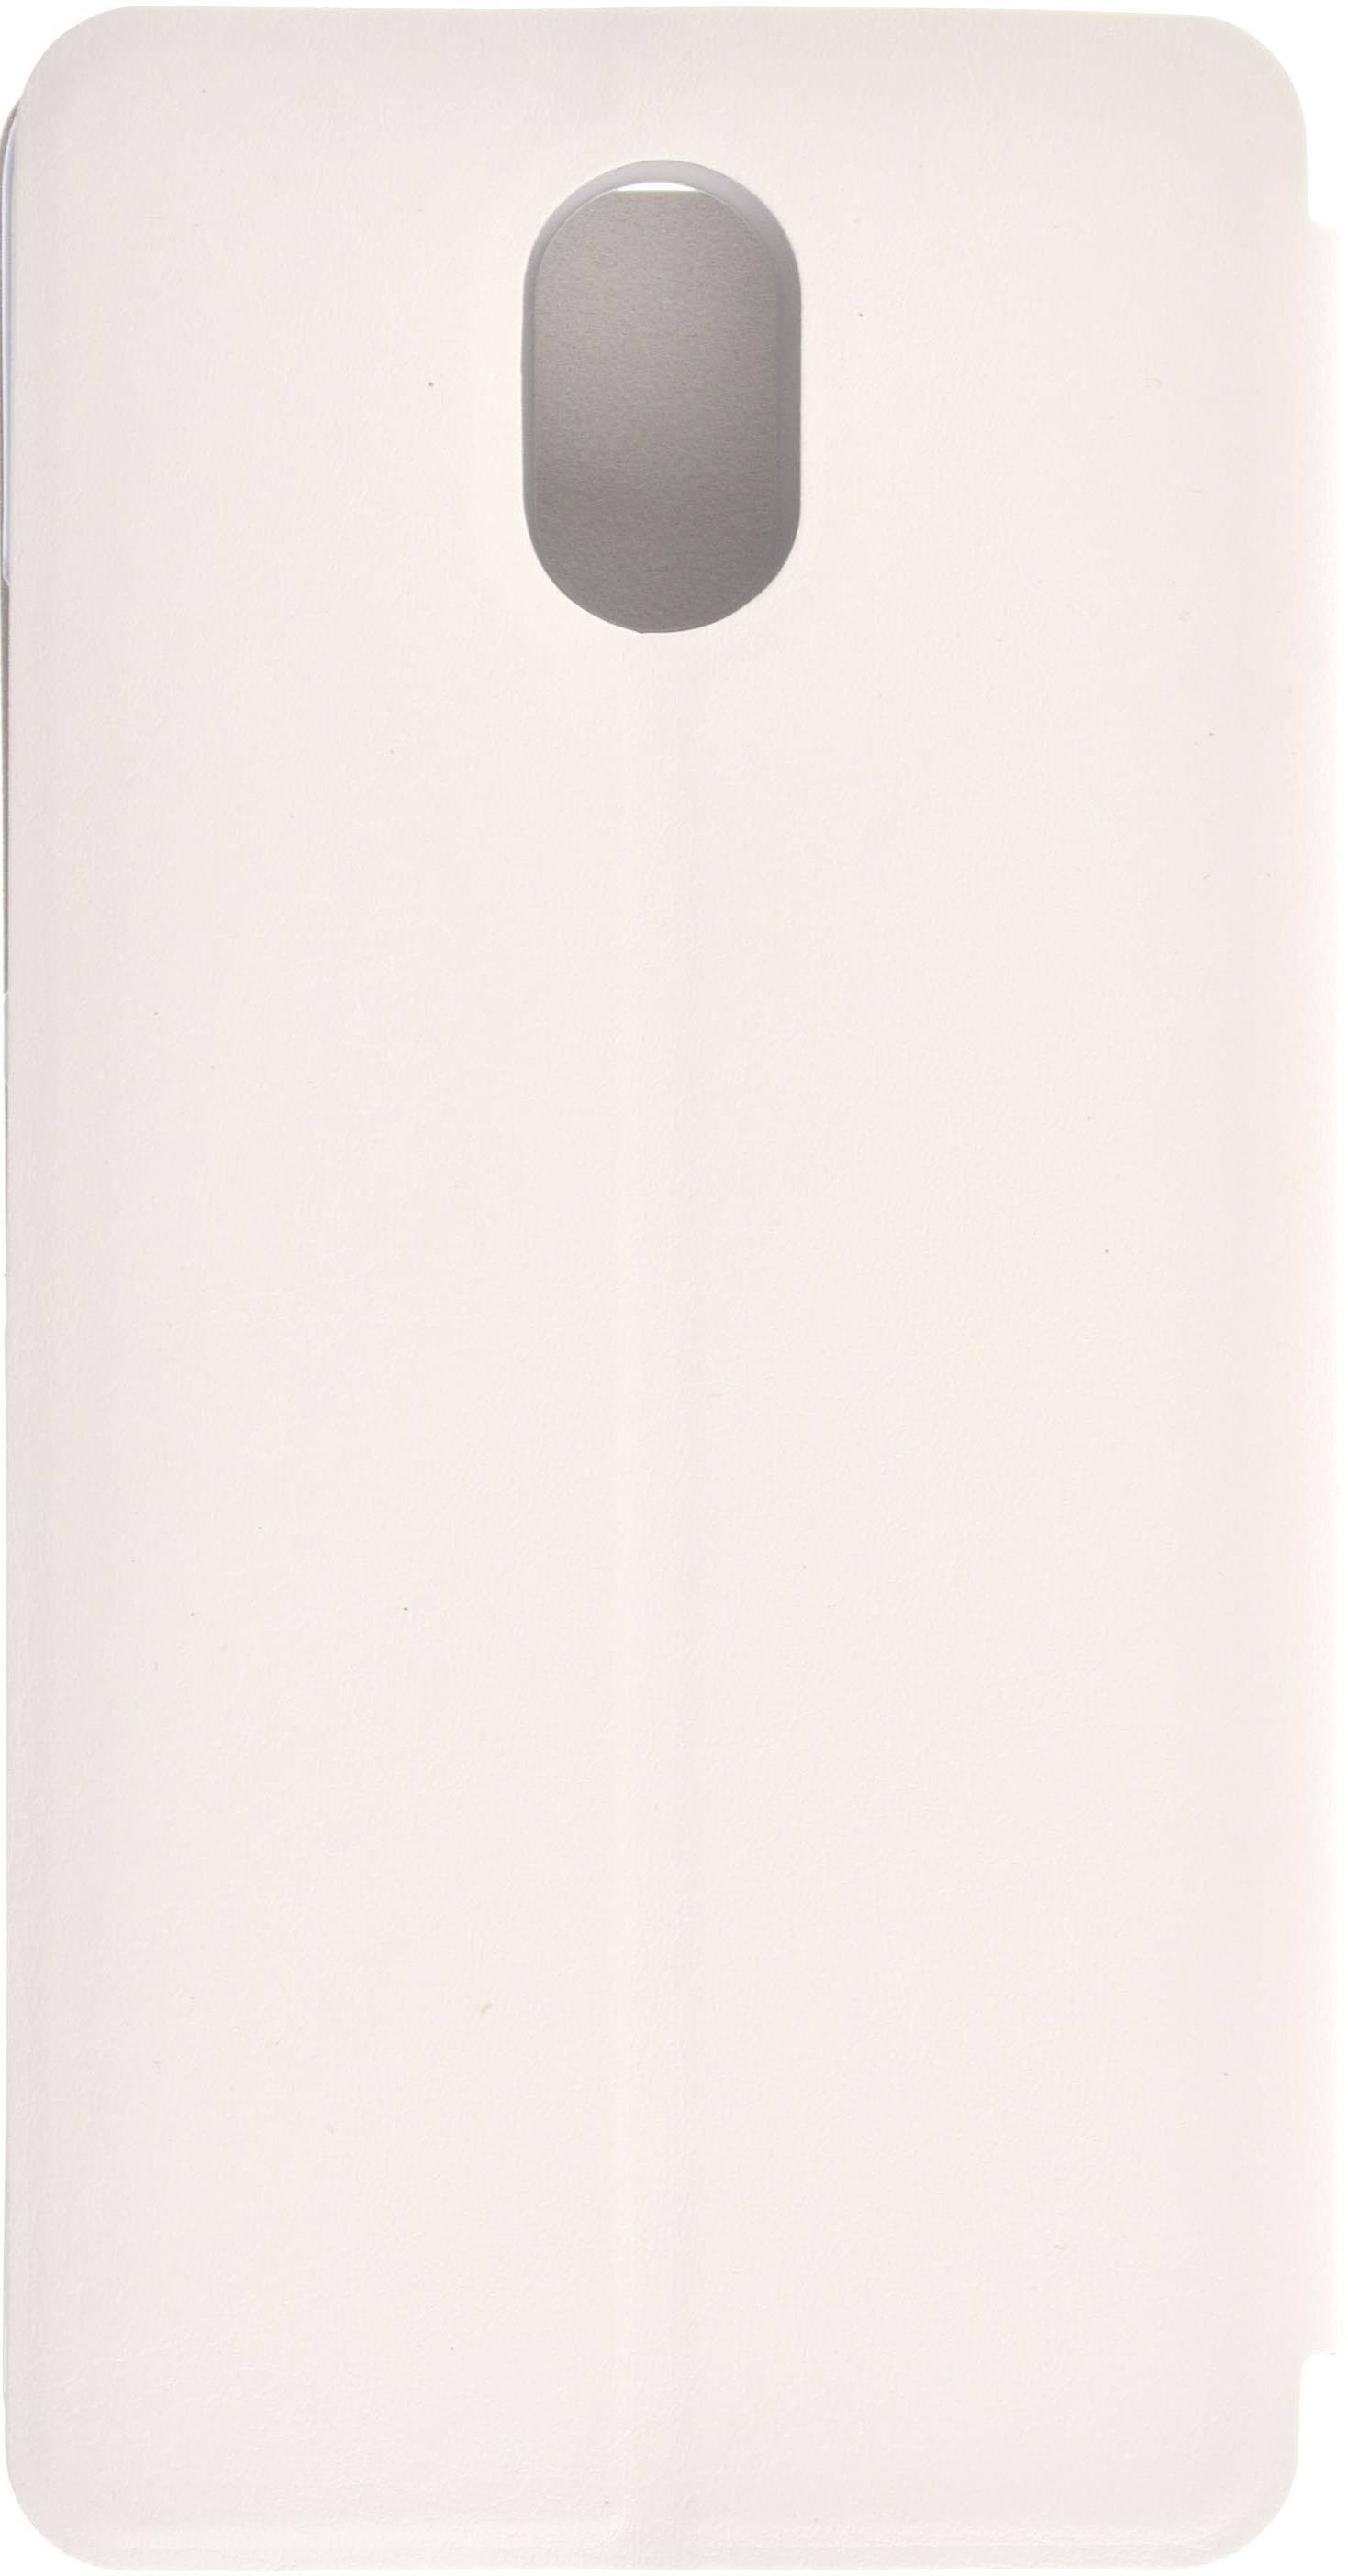 Чехол для сотового телефона skinBOX Lux, 4660041407037, белый